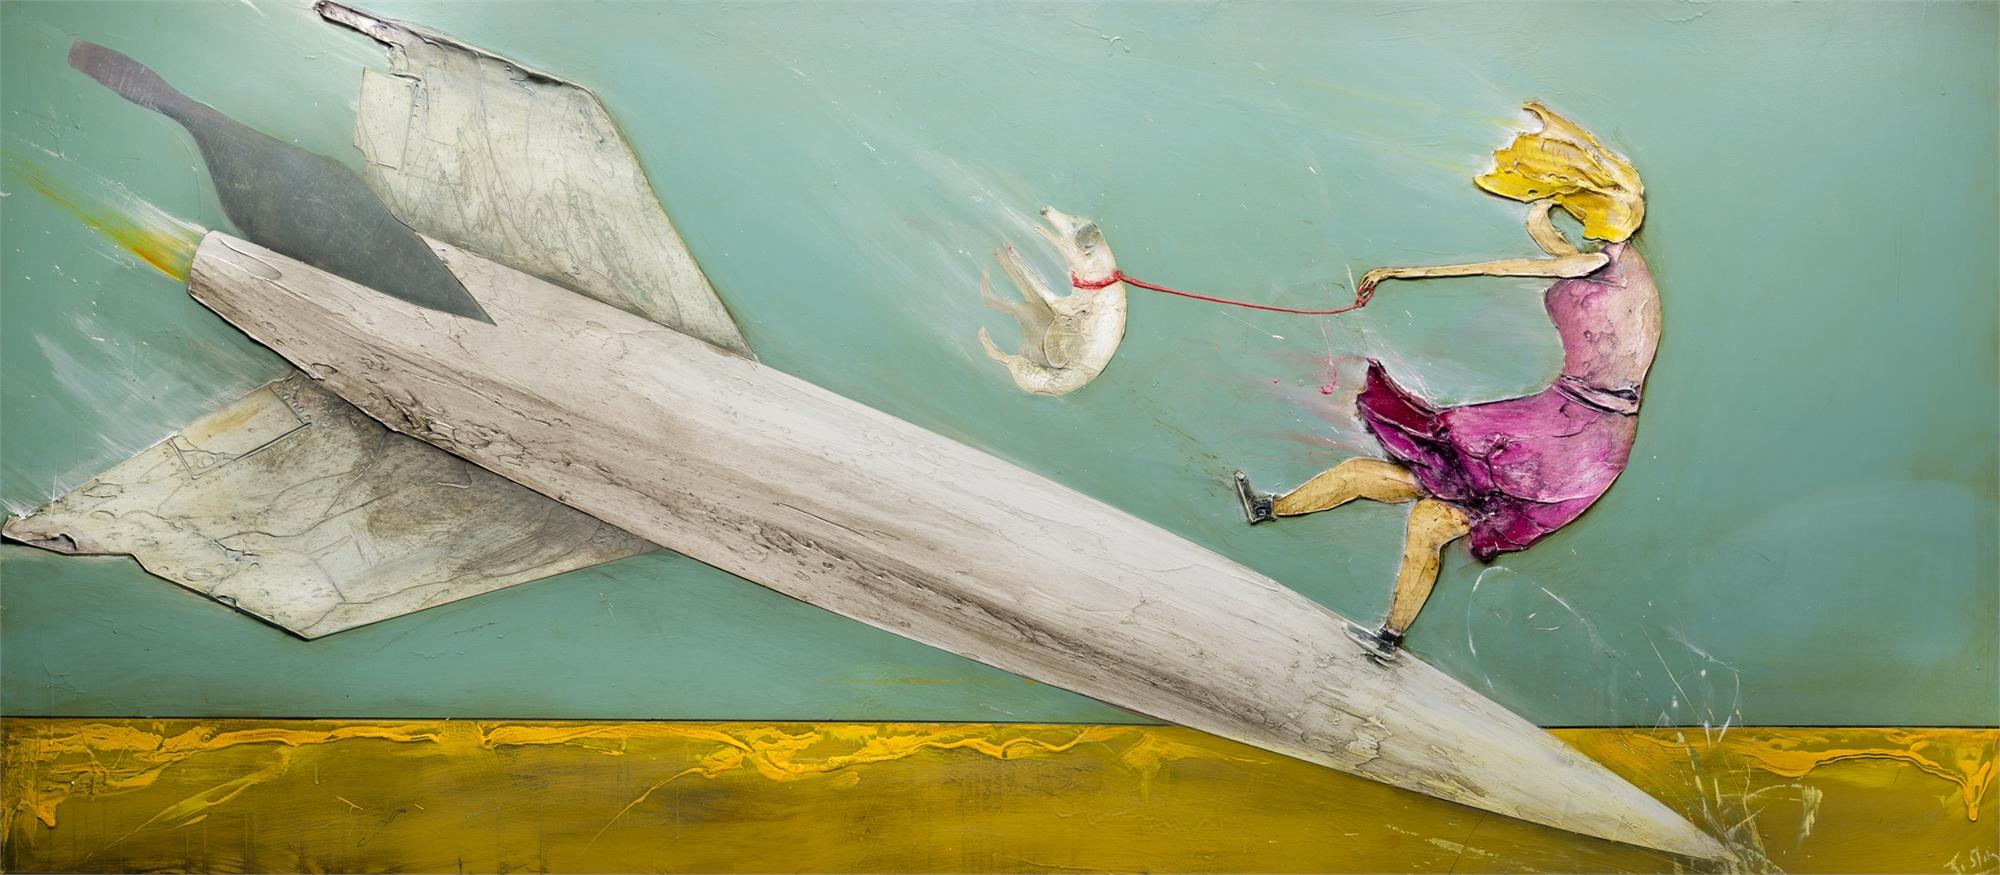 ROCKET LADY by JUSTIN GAFFREY